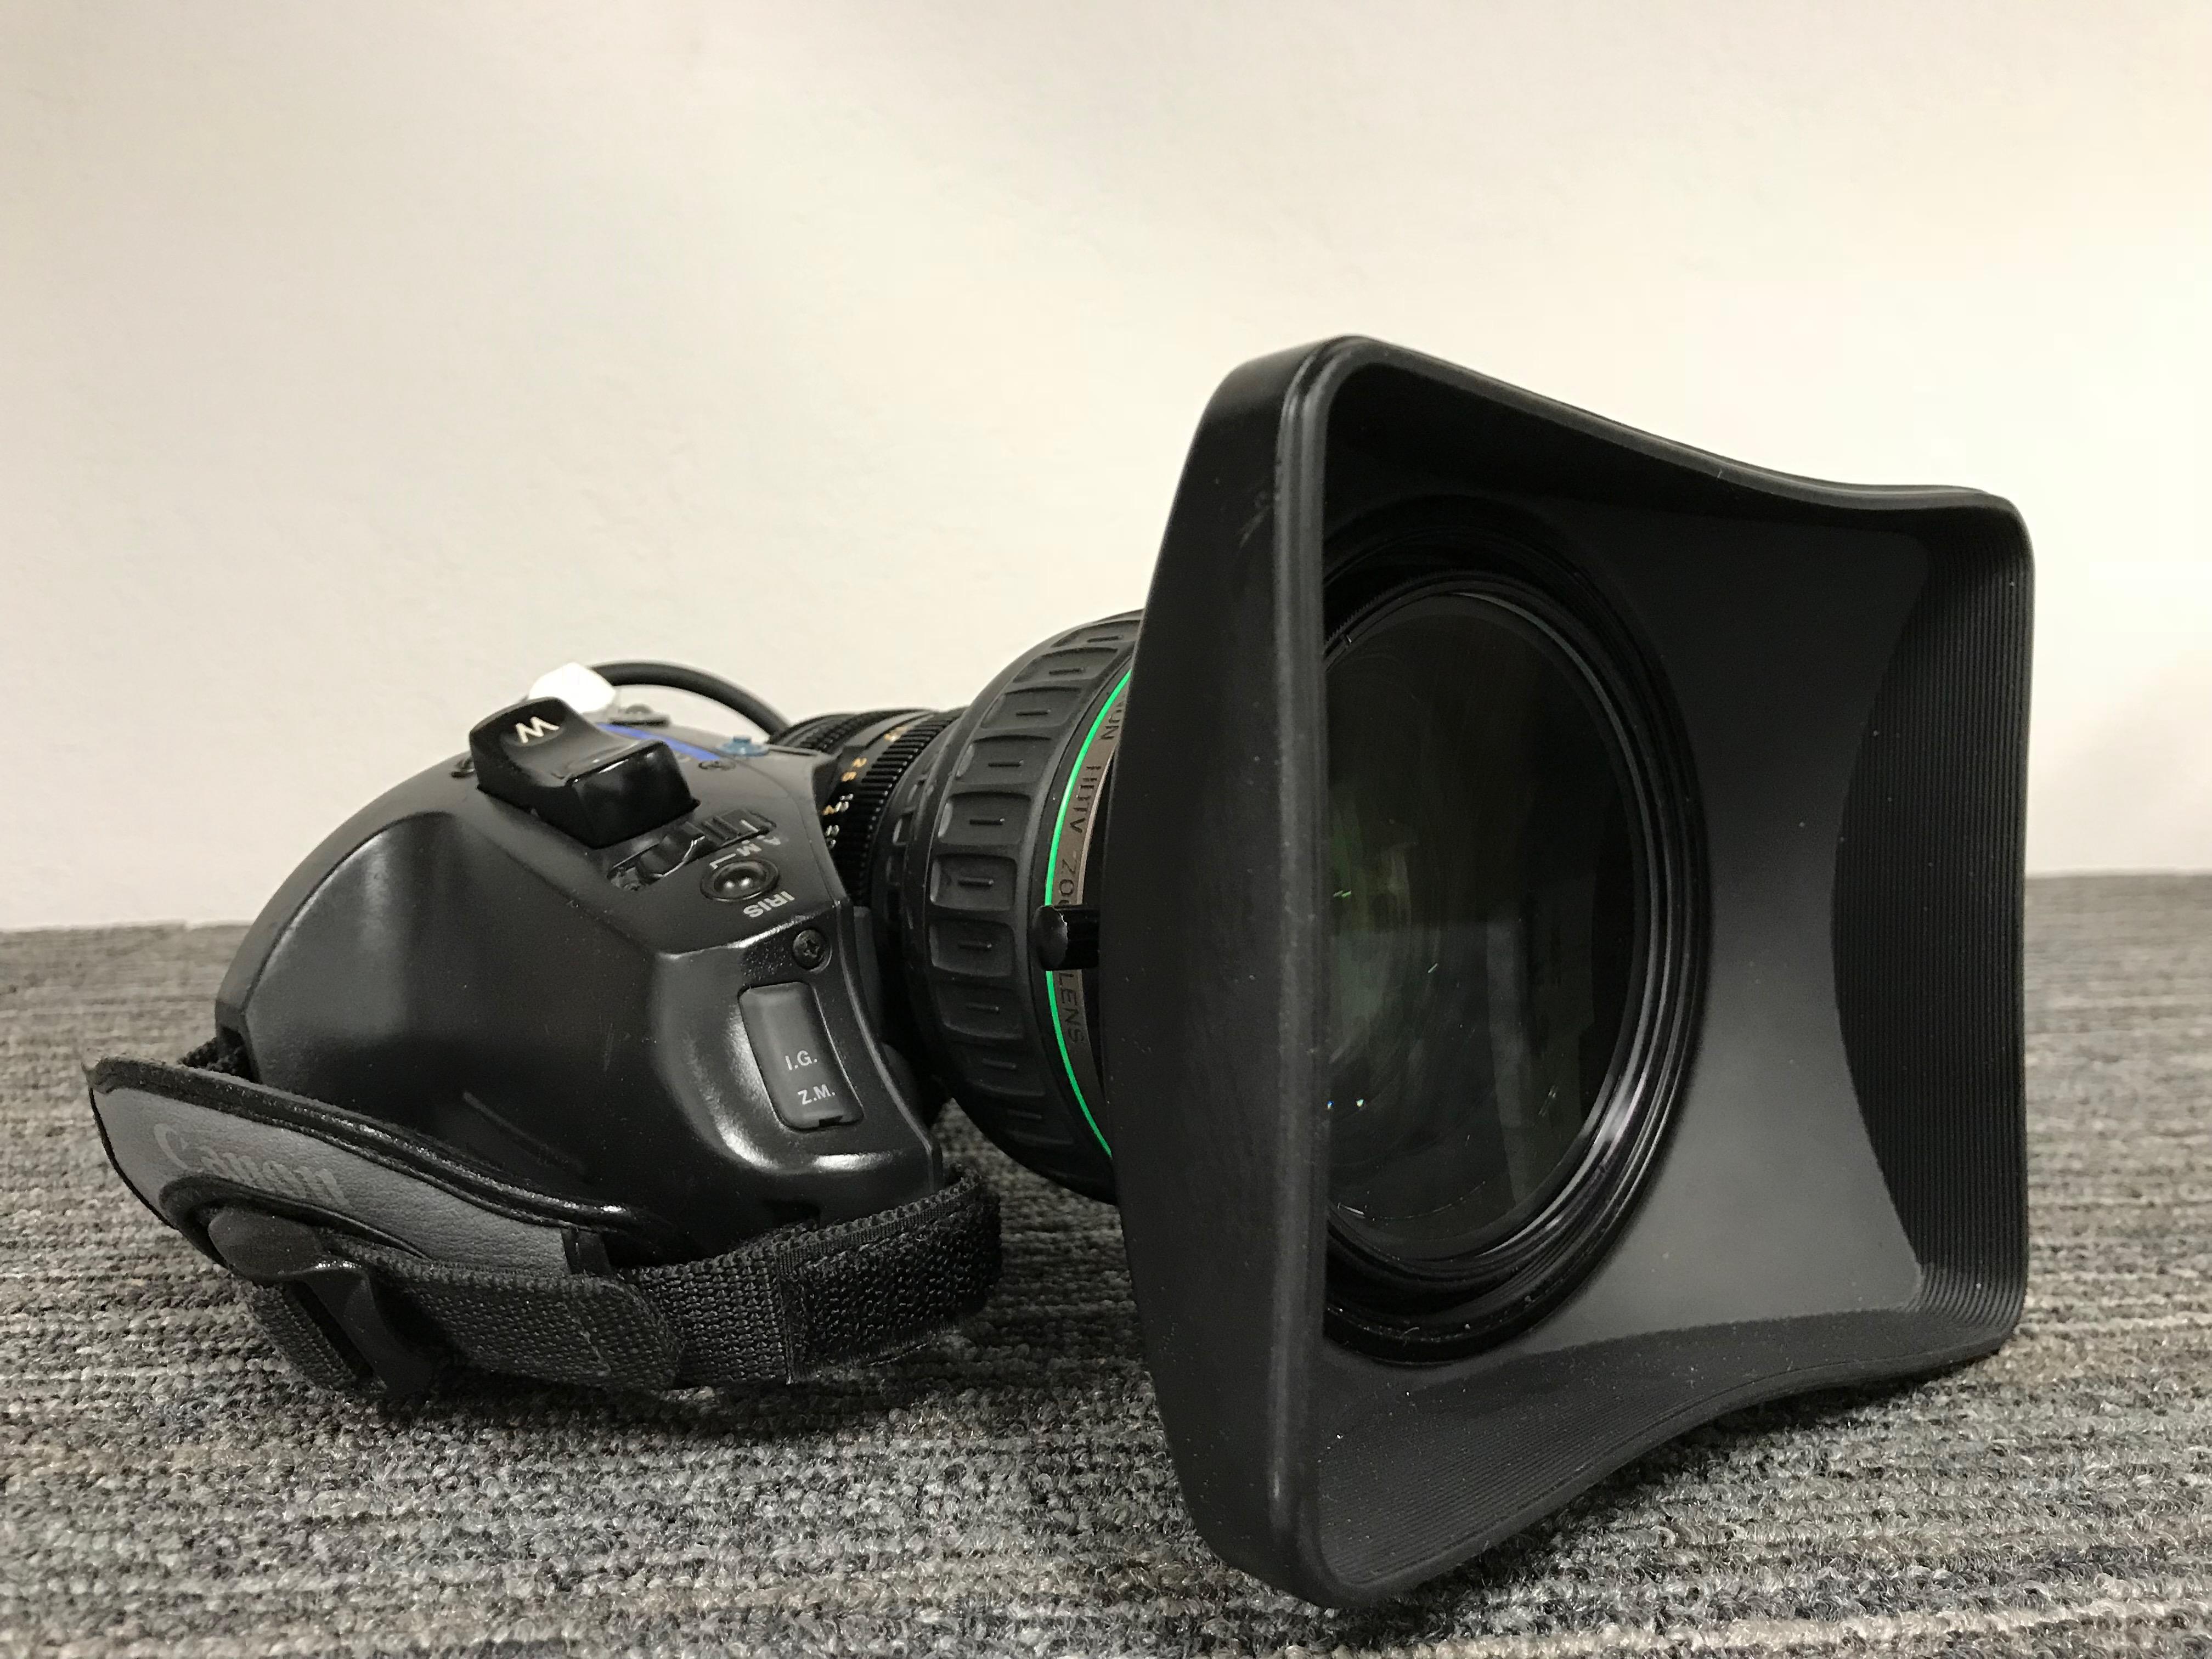 Canon HJ21x7.8B IRSD HD Lens